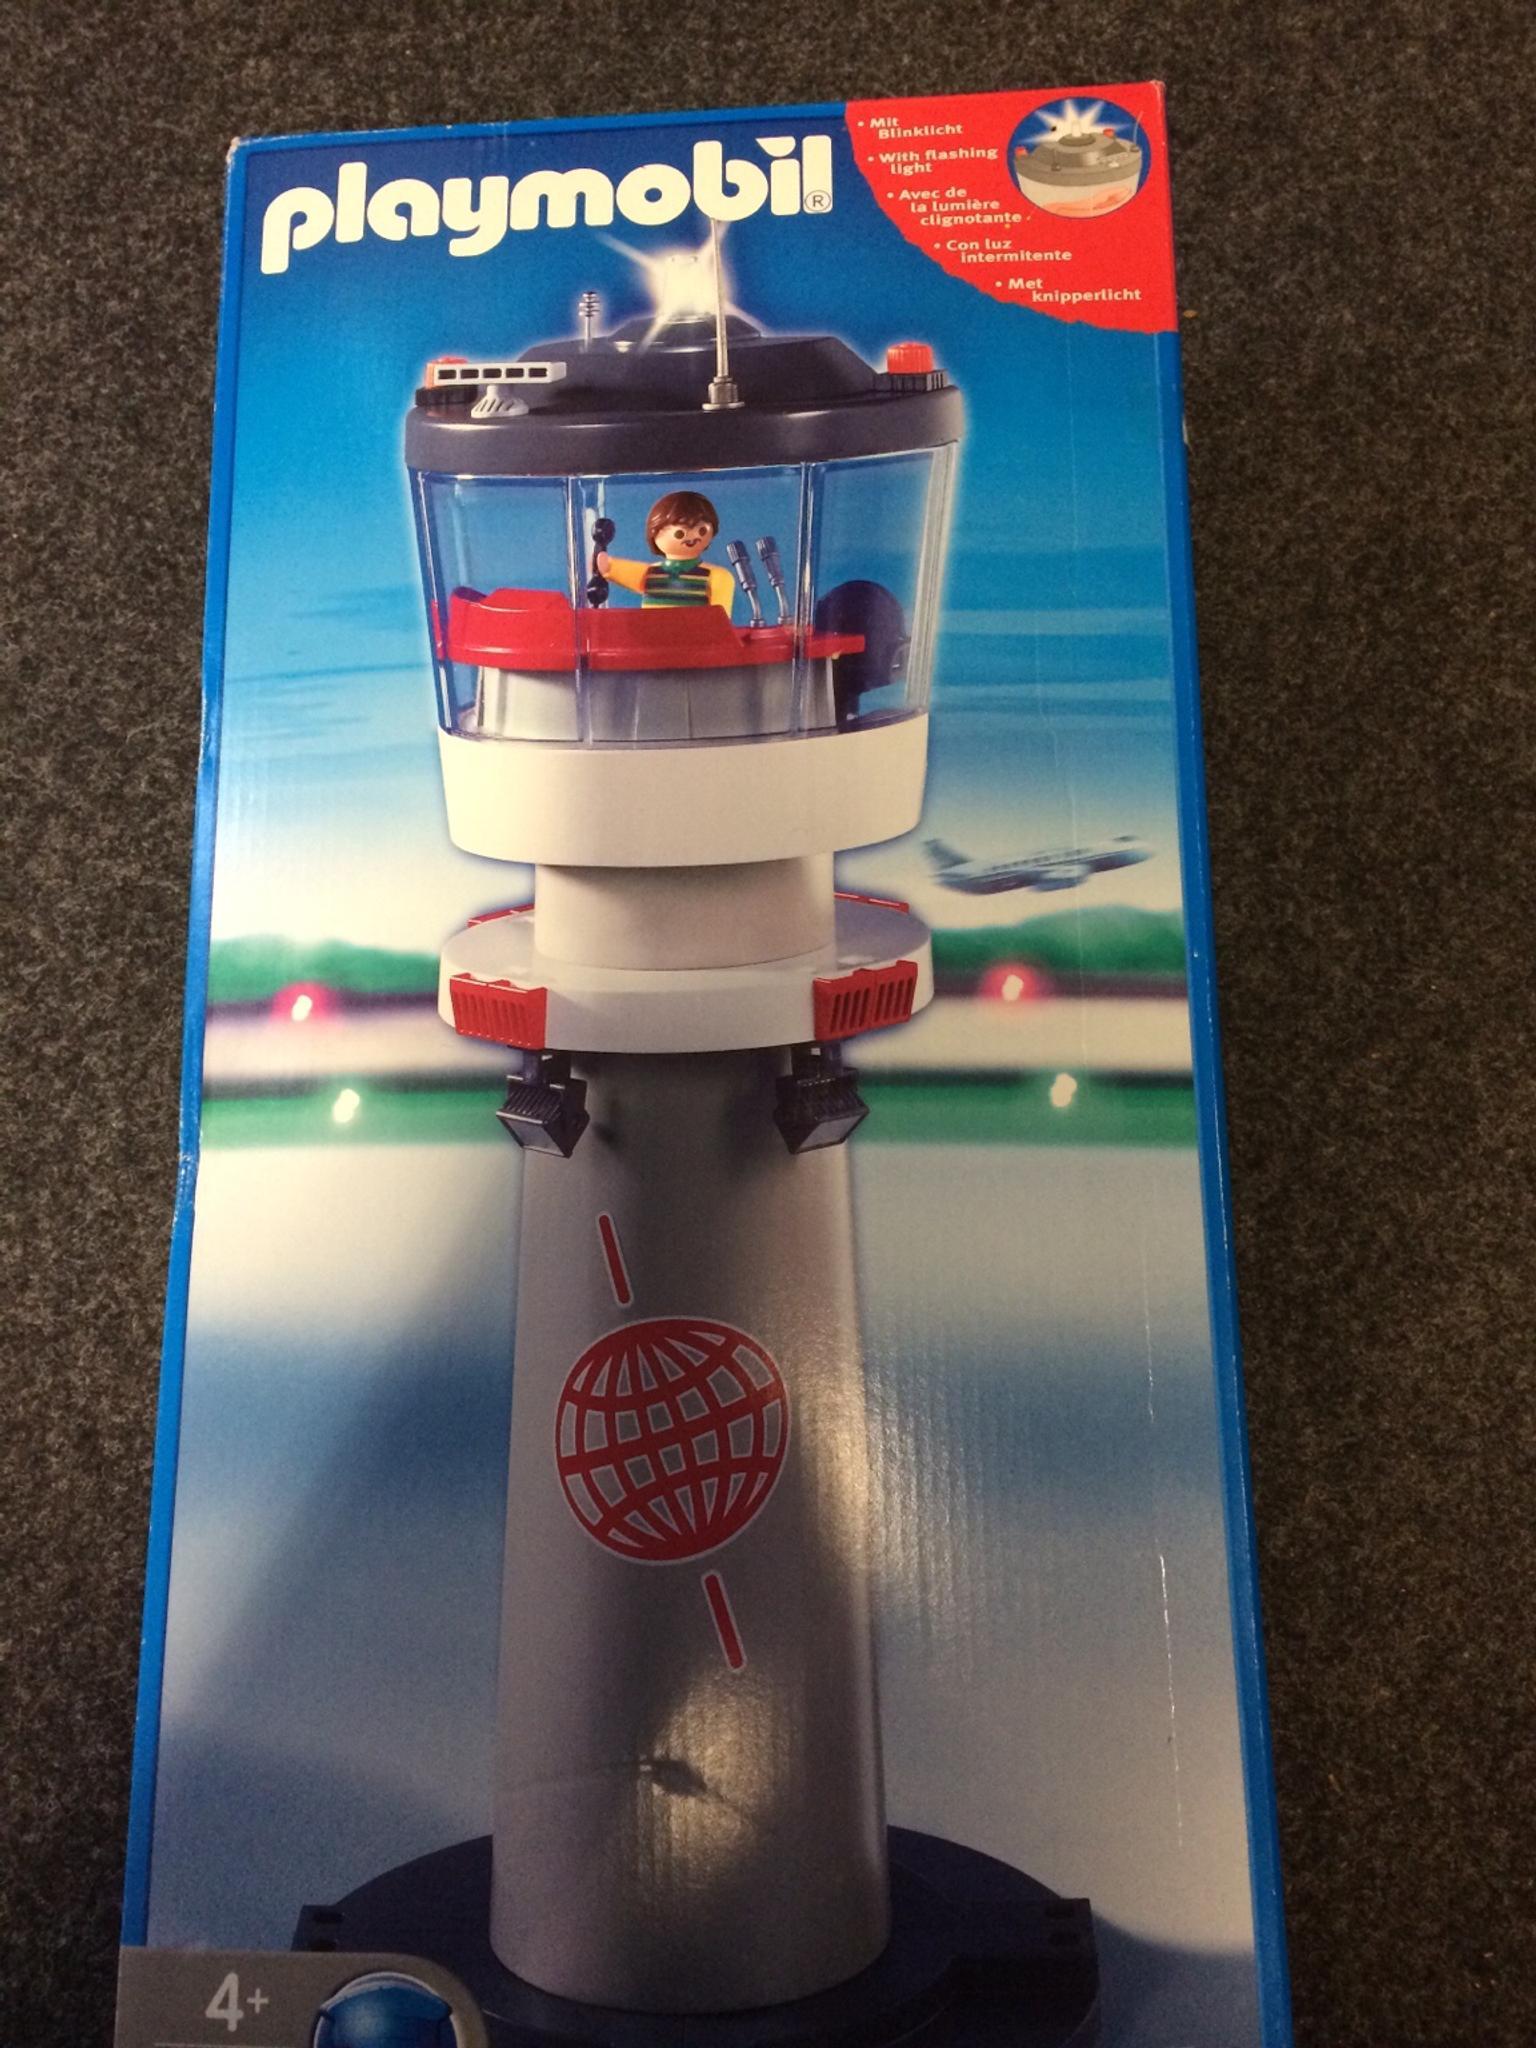 gebraucht playmobil 4313 - tower mit blinklicht in 31275 lehrte um, Badezimmer ideen